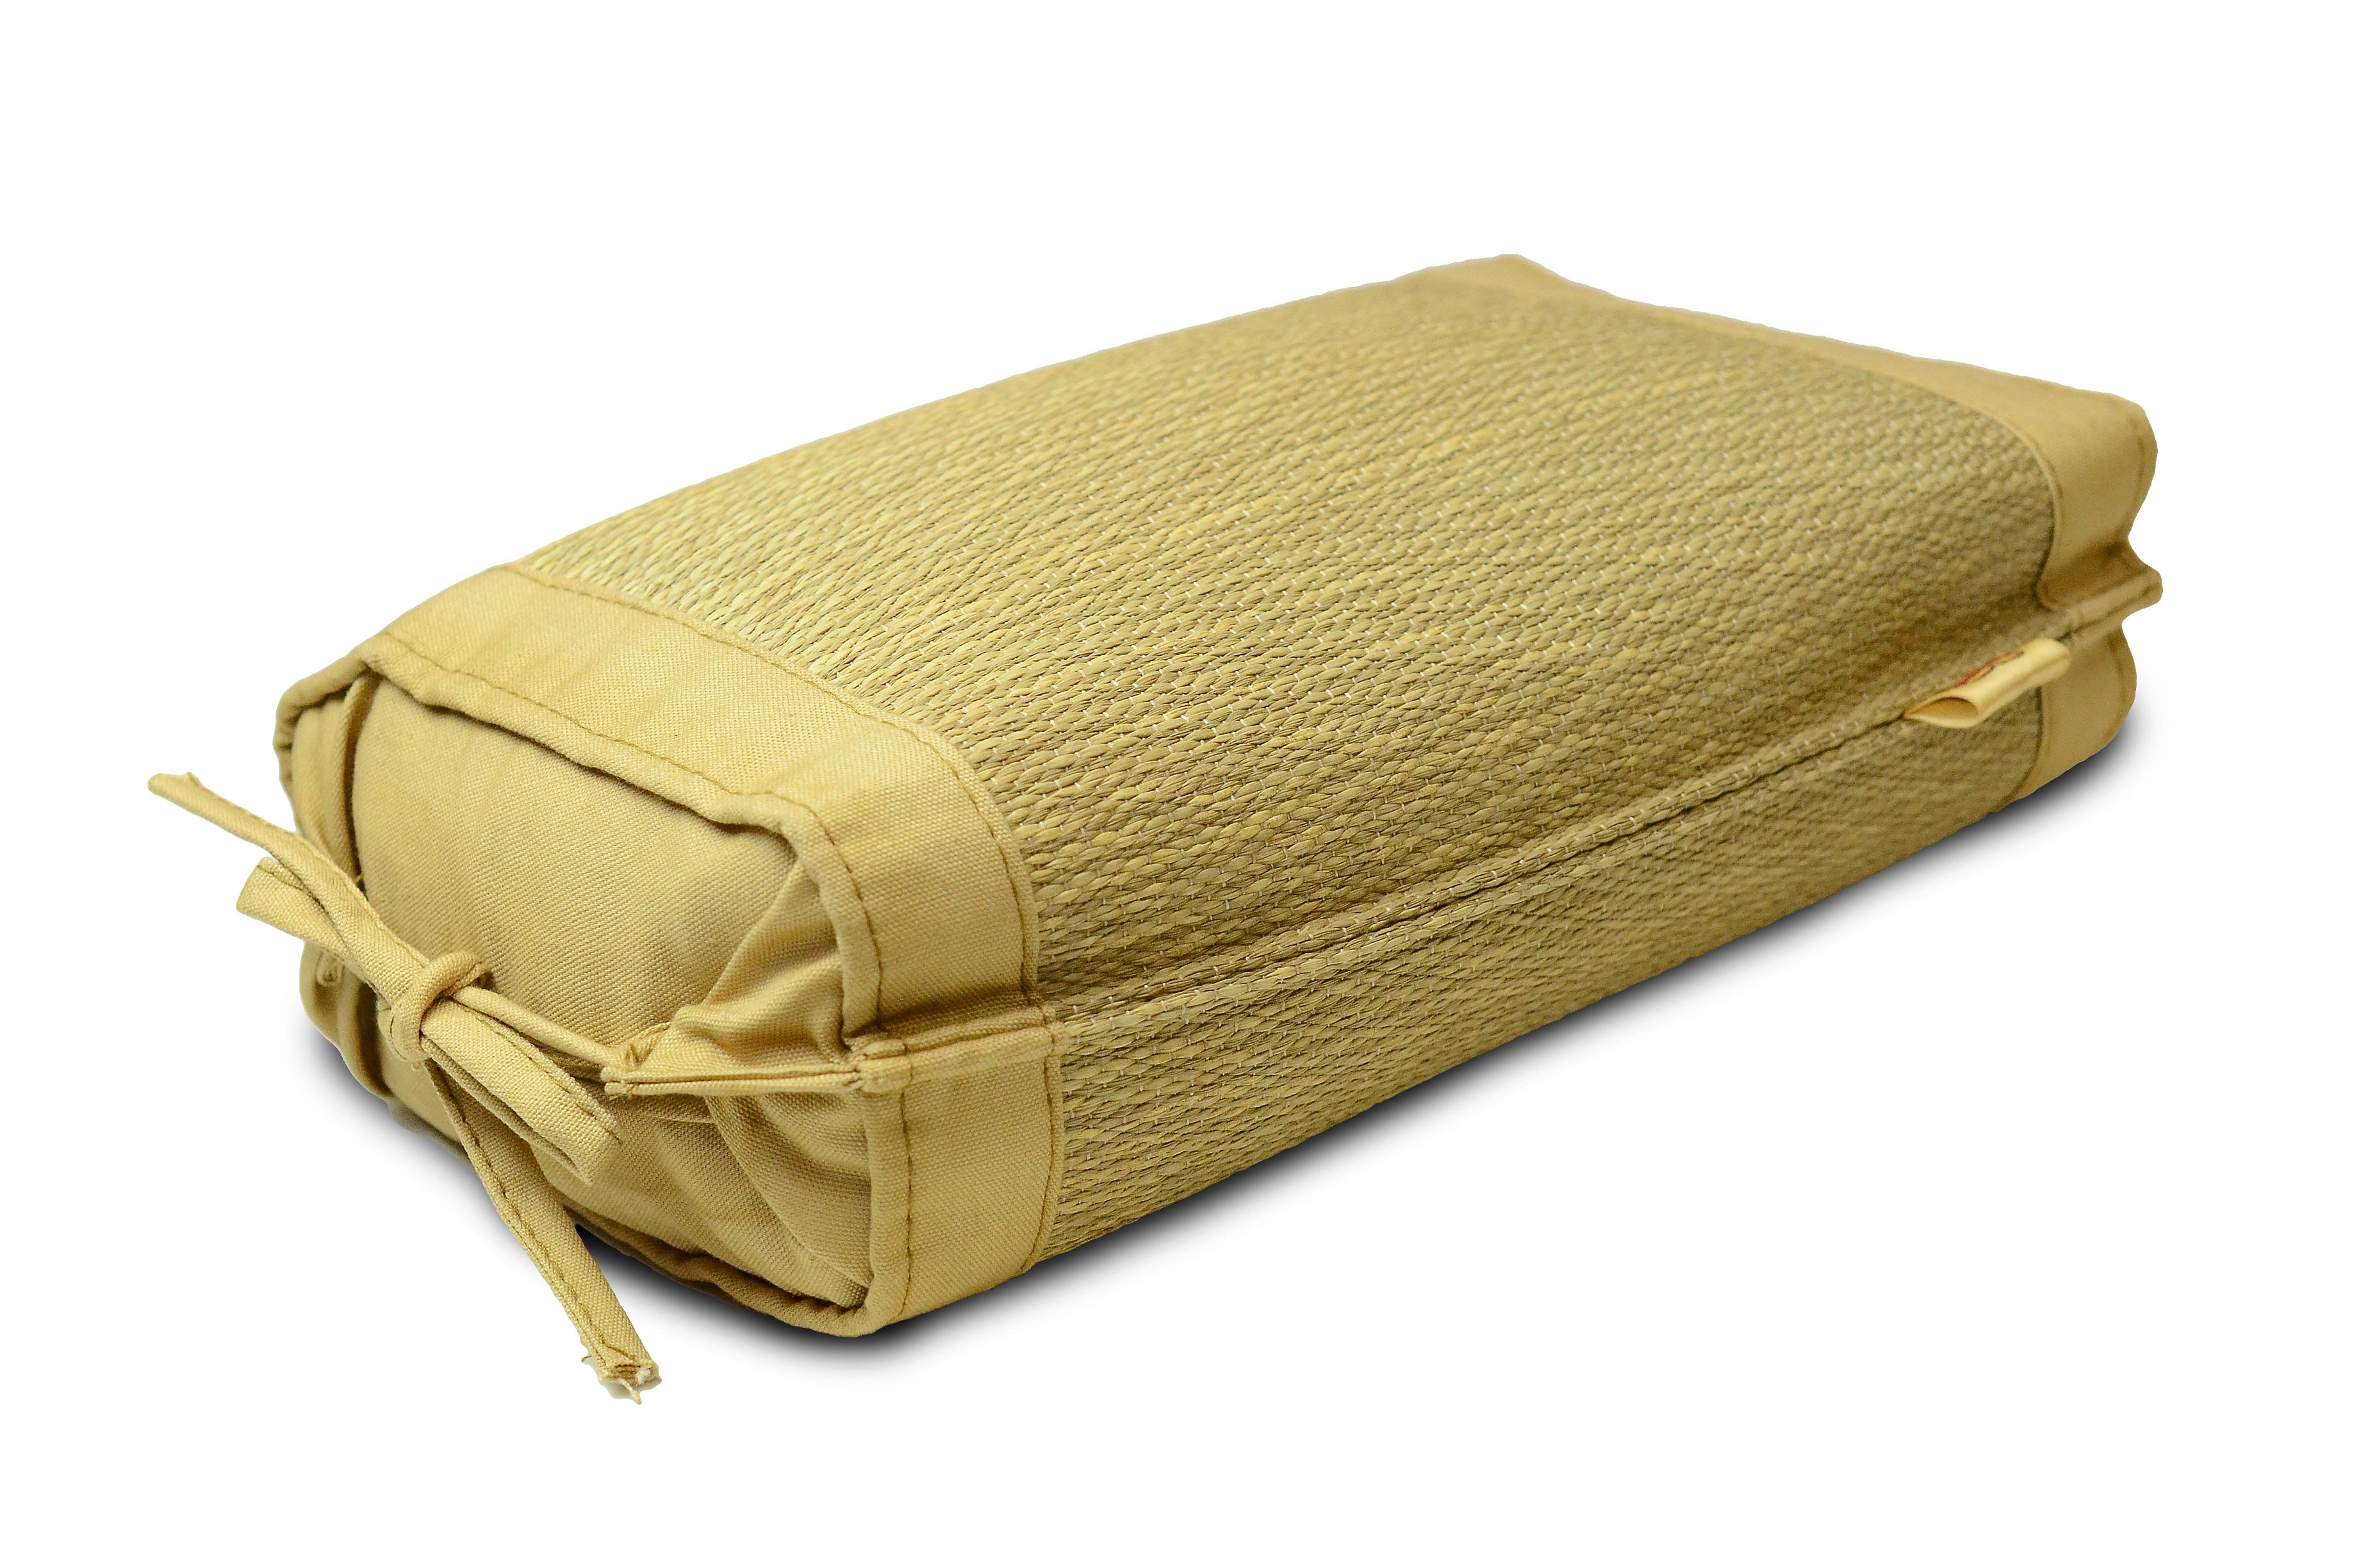 【栗毬染め 小枕】 中芯材:パイプ 柳川ブランド認定品